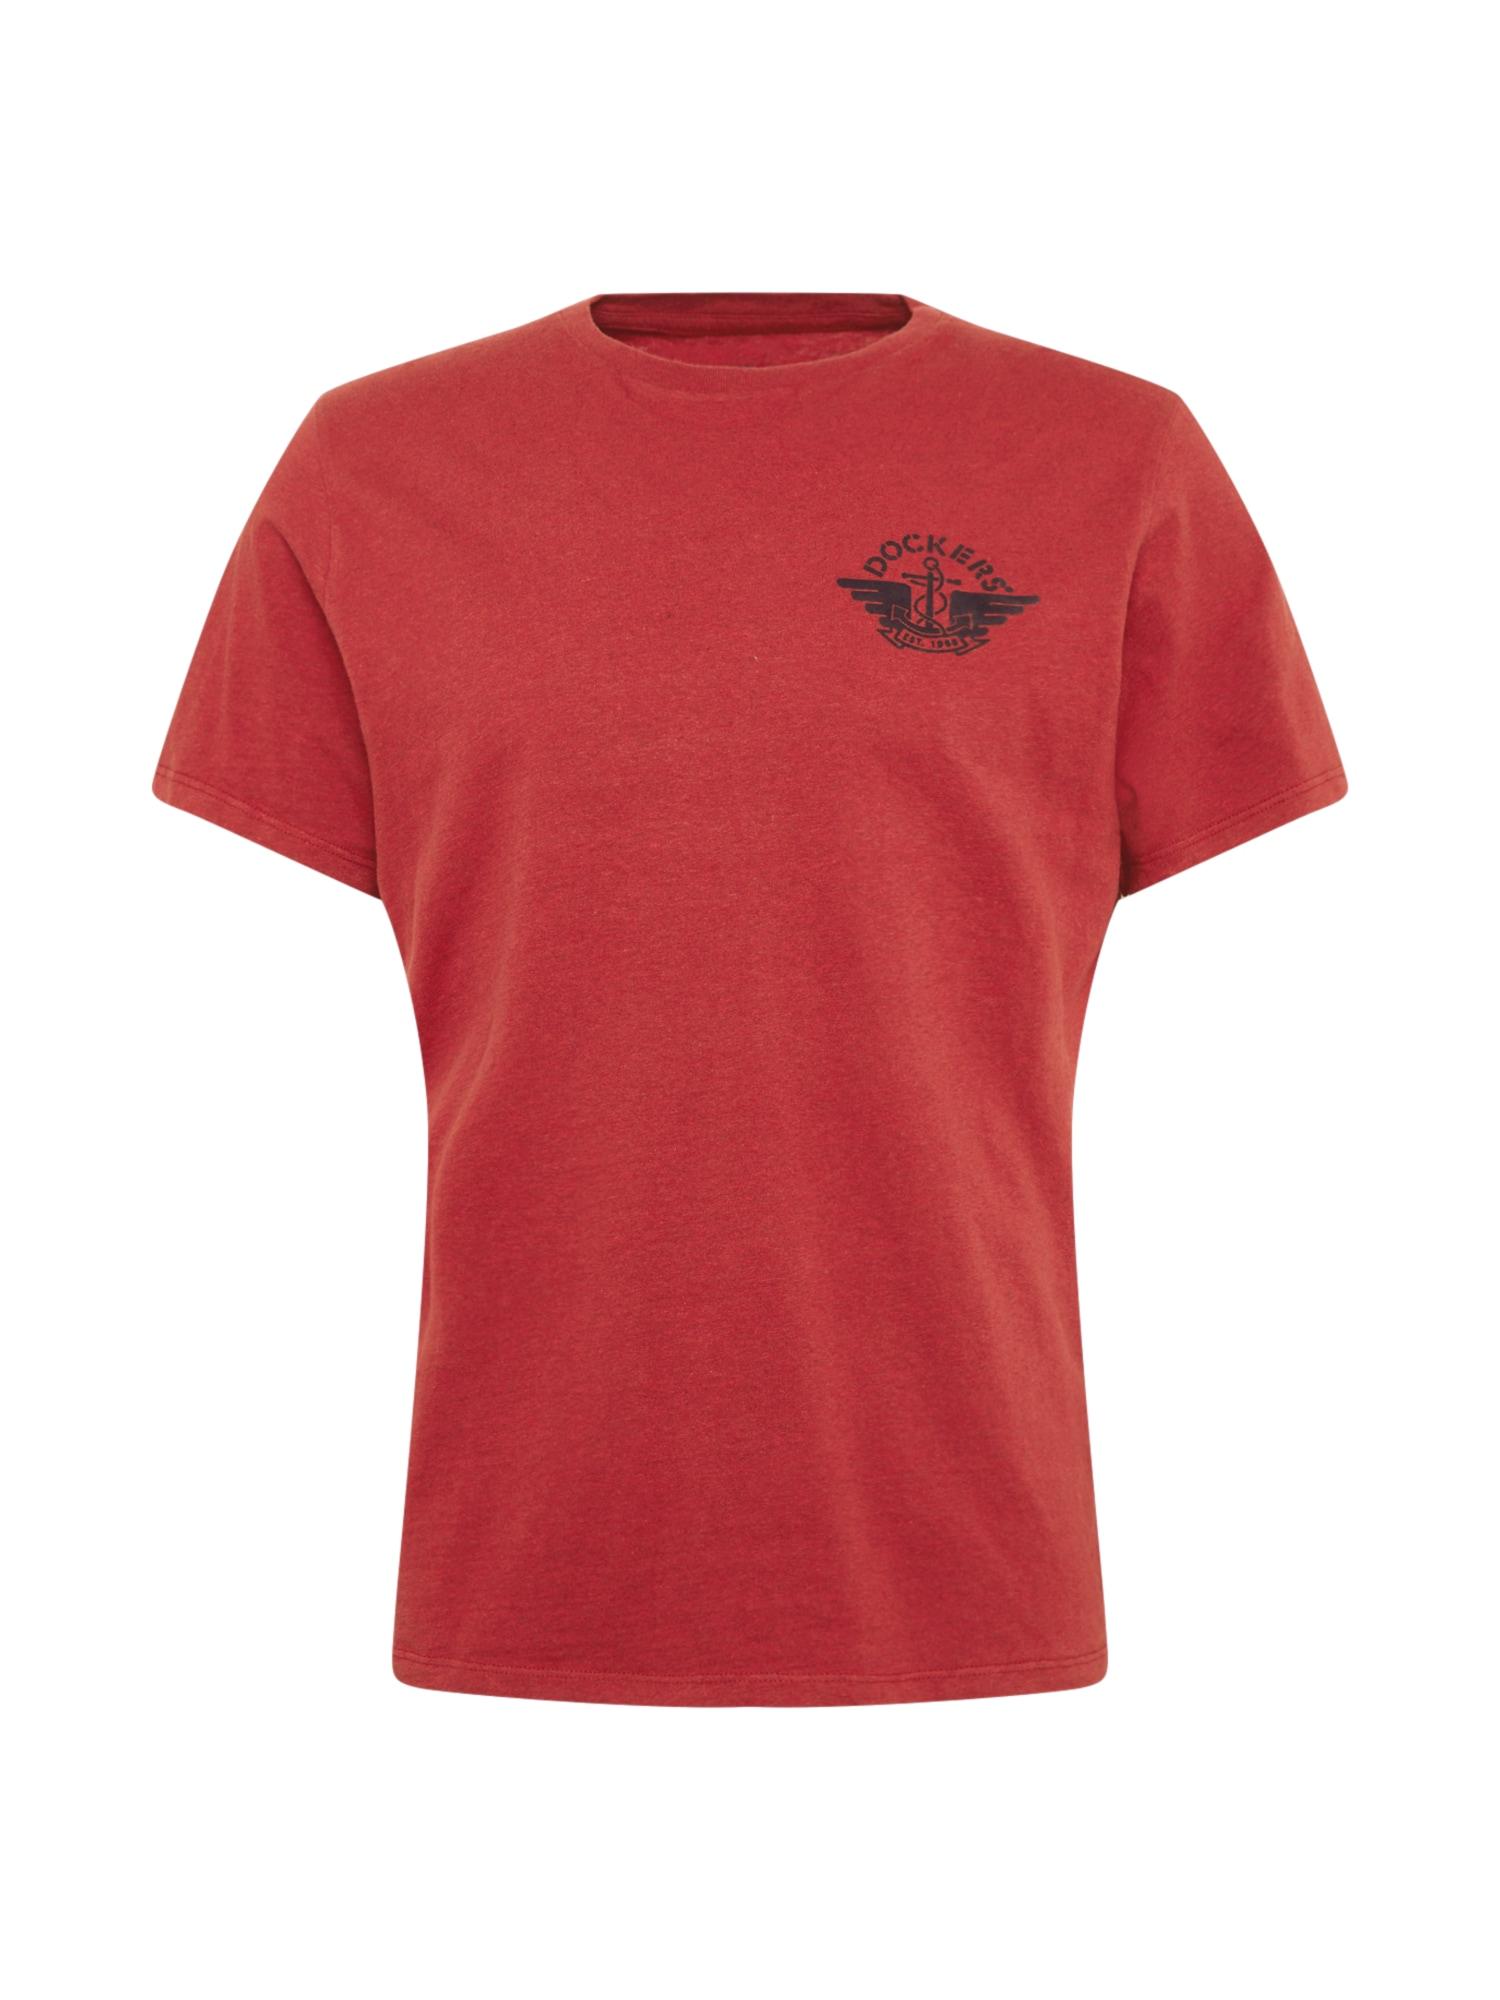 Dockers Marškinėliai raudona